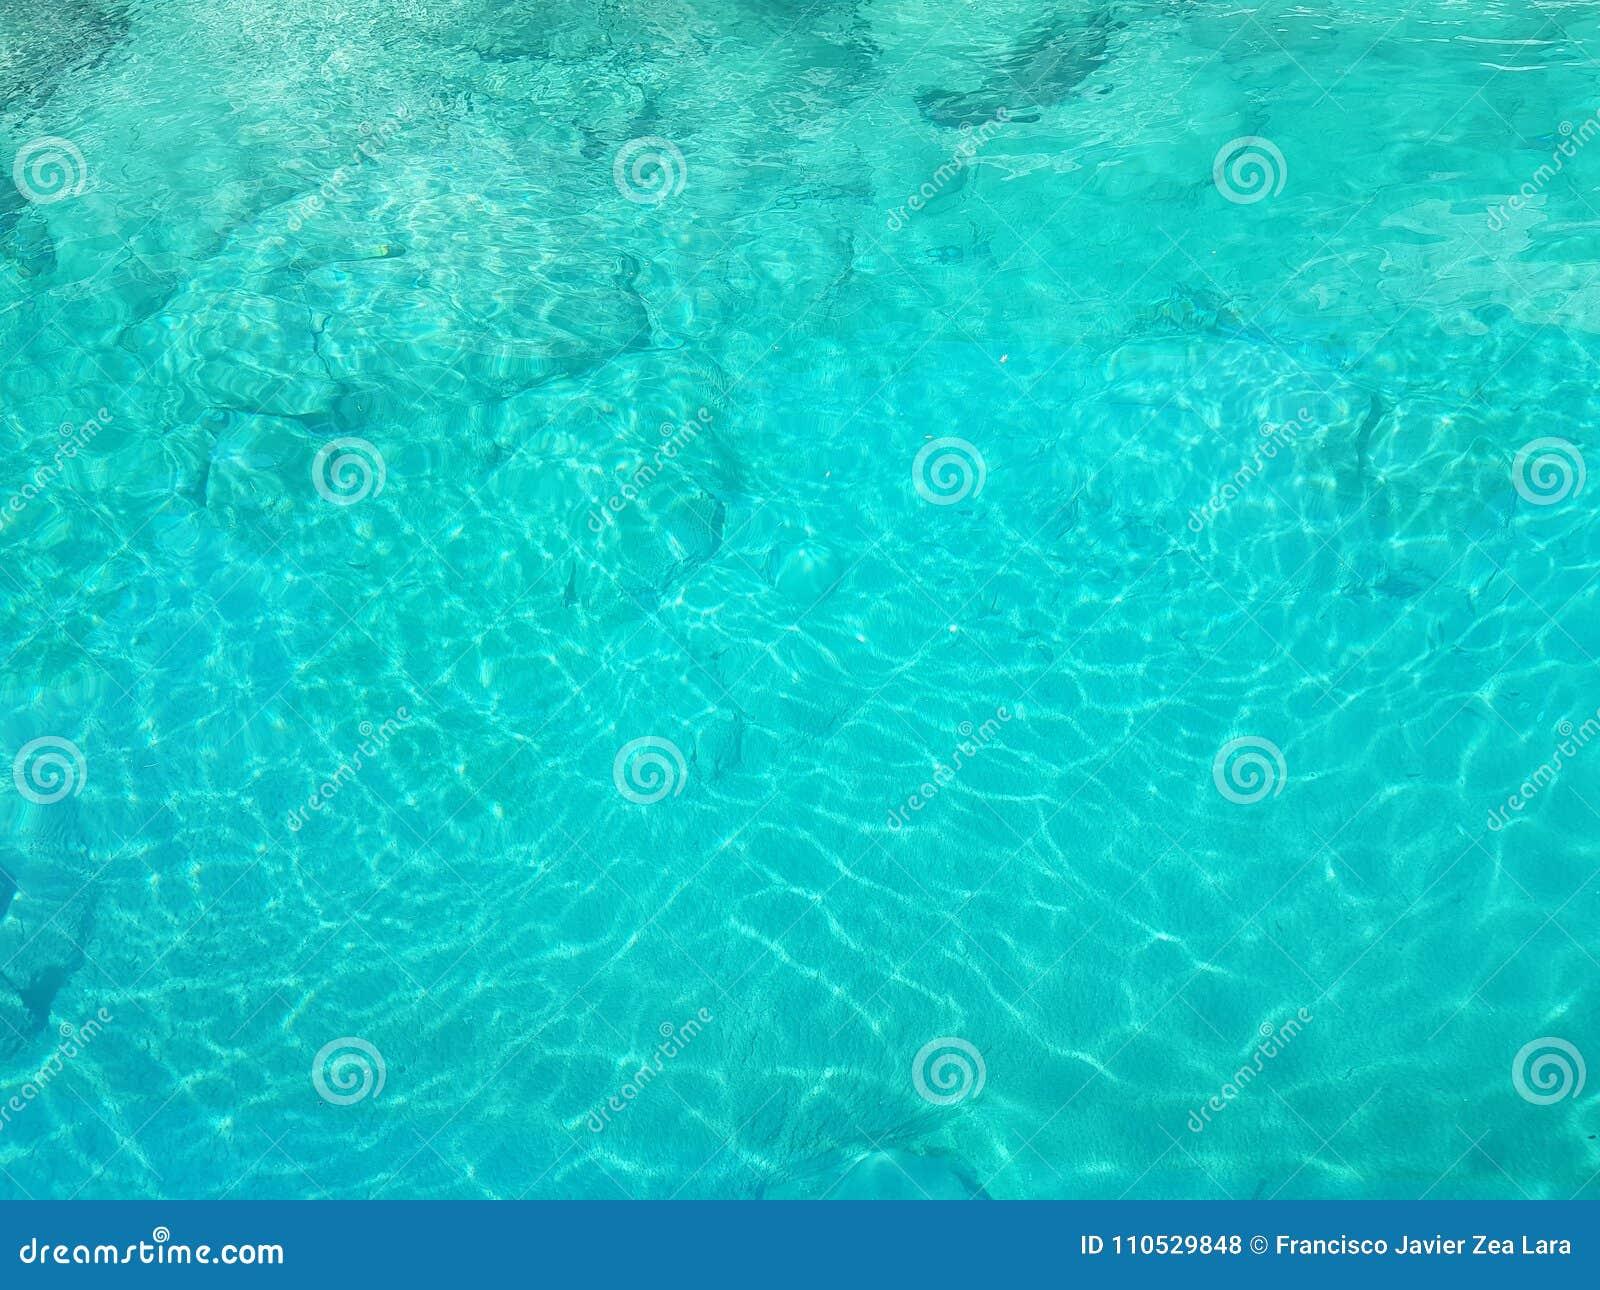 прозрачная вода в бирюзе, текстурированной предпосылке